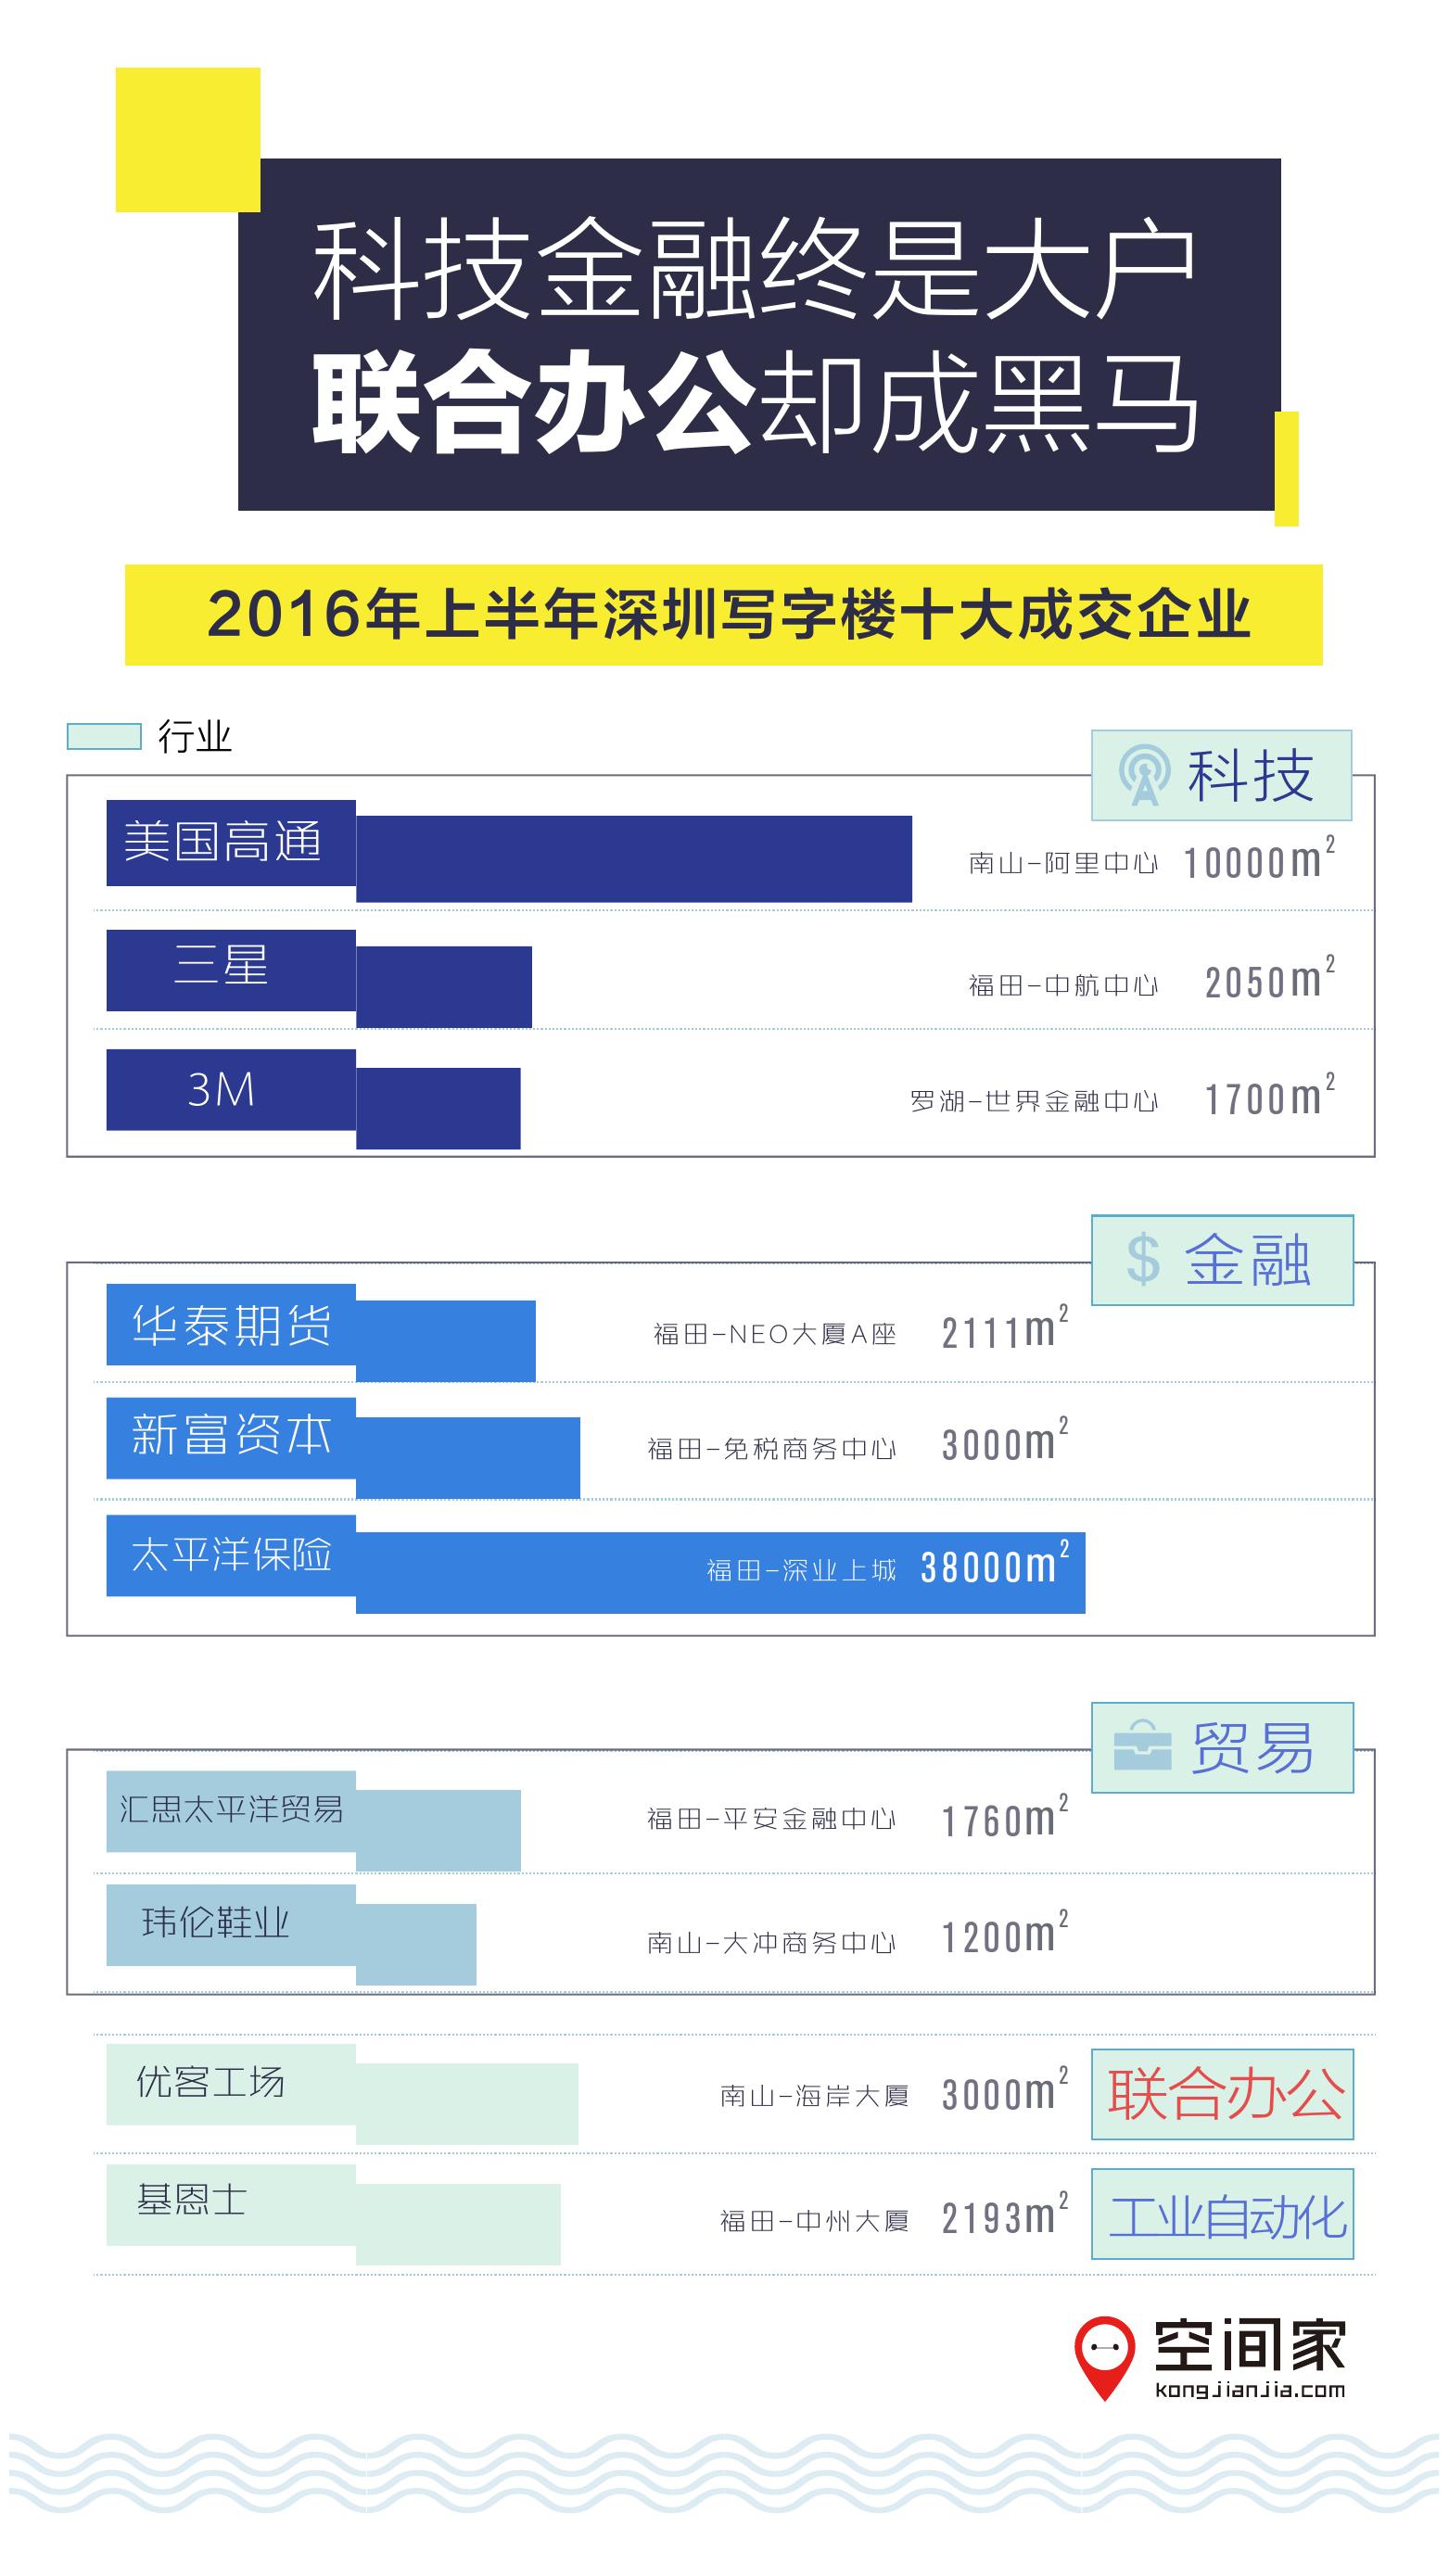 2016年半年度写字楼市场报告_000008